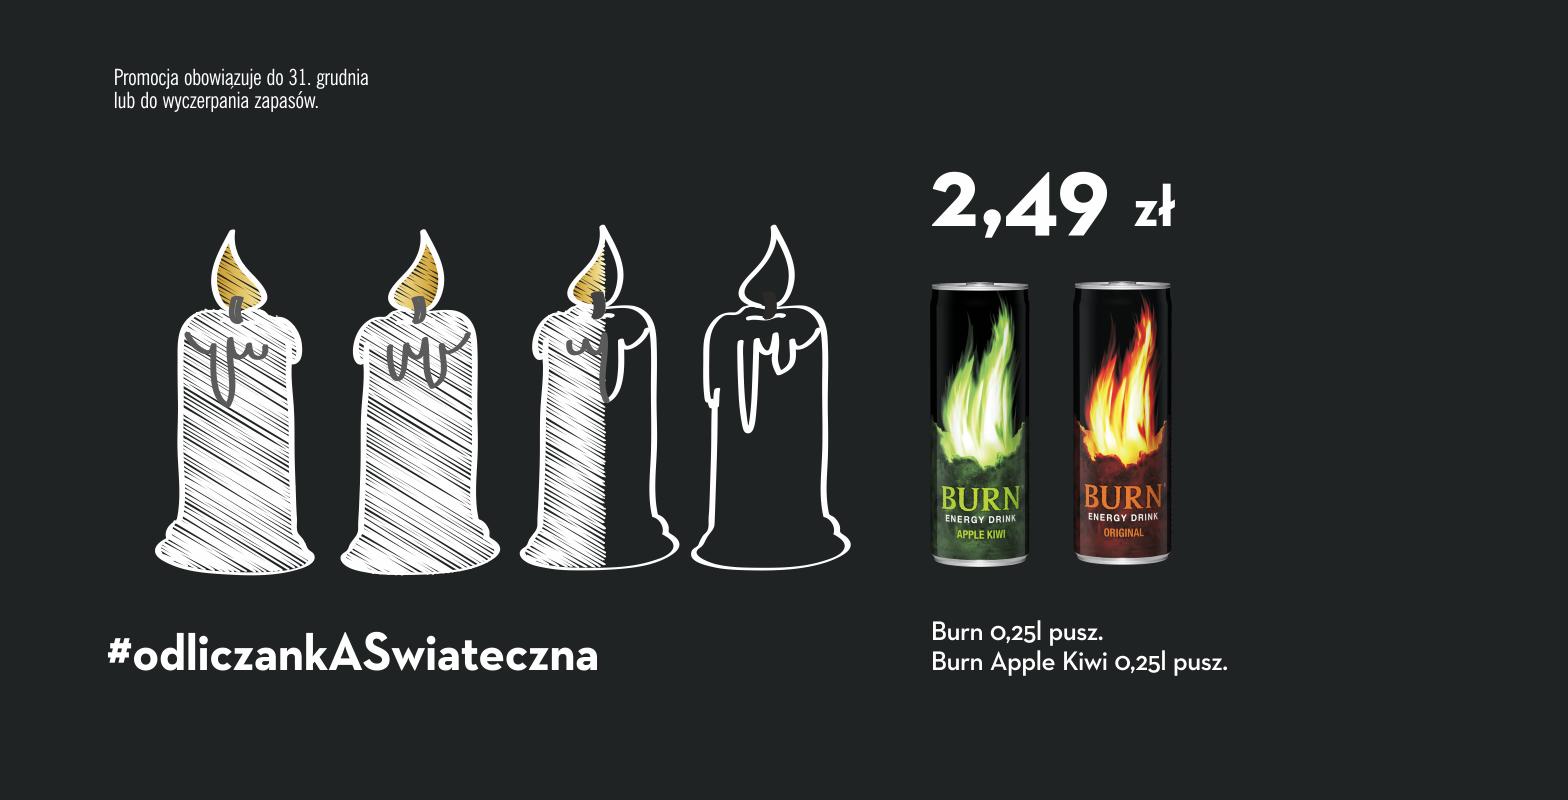 burn012